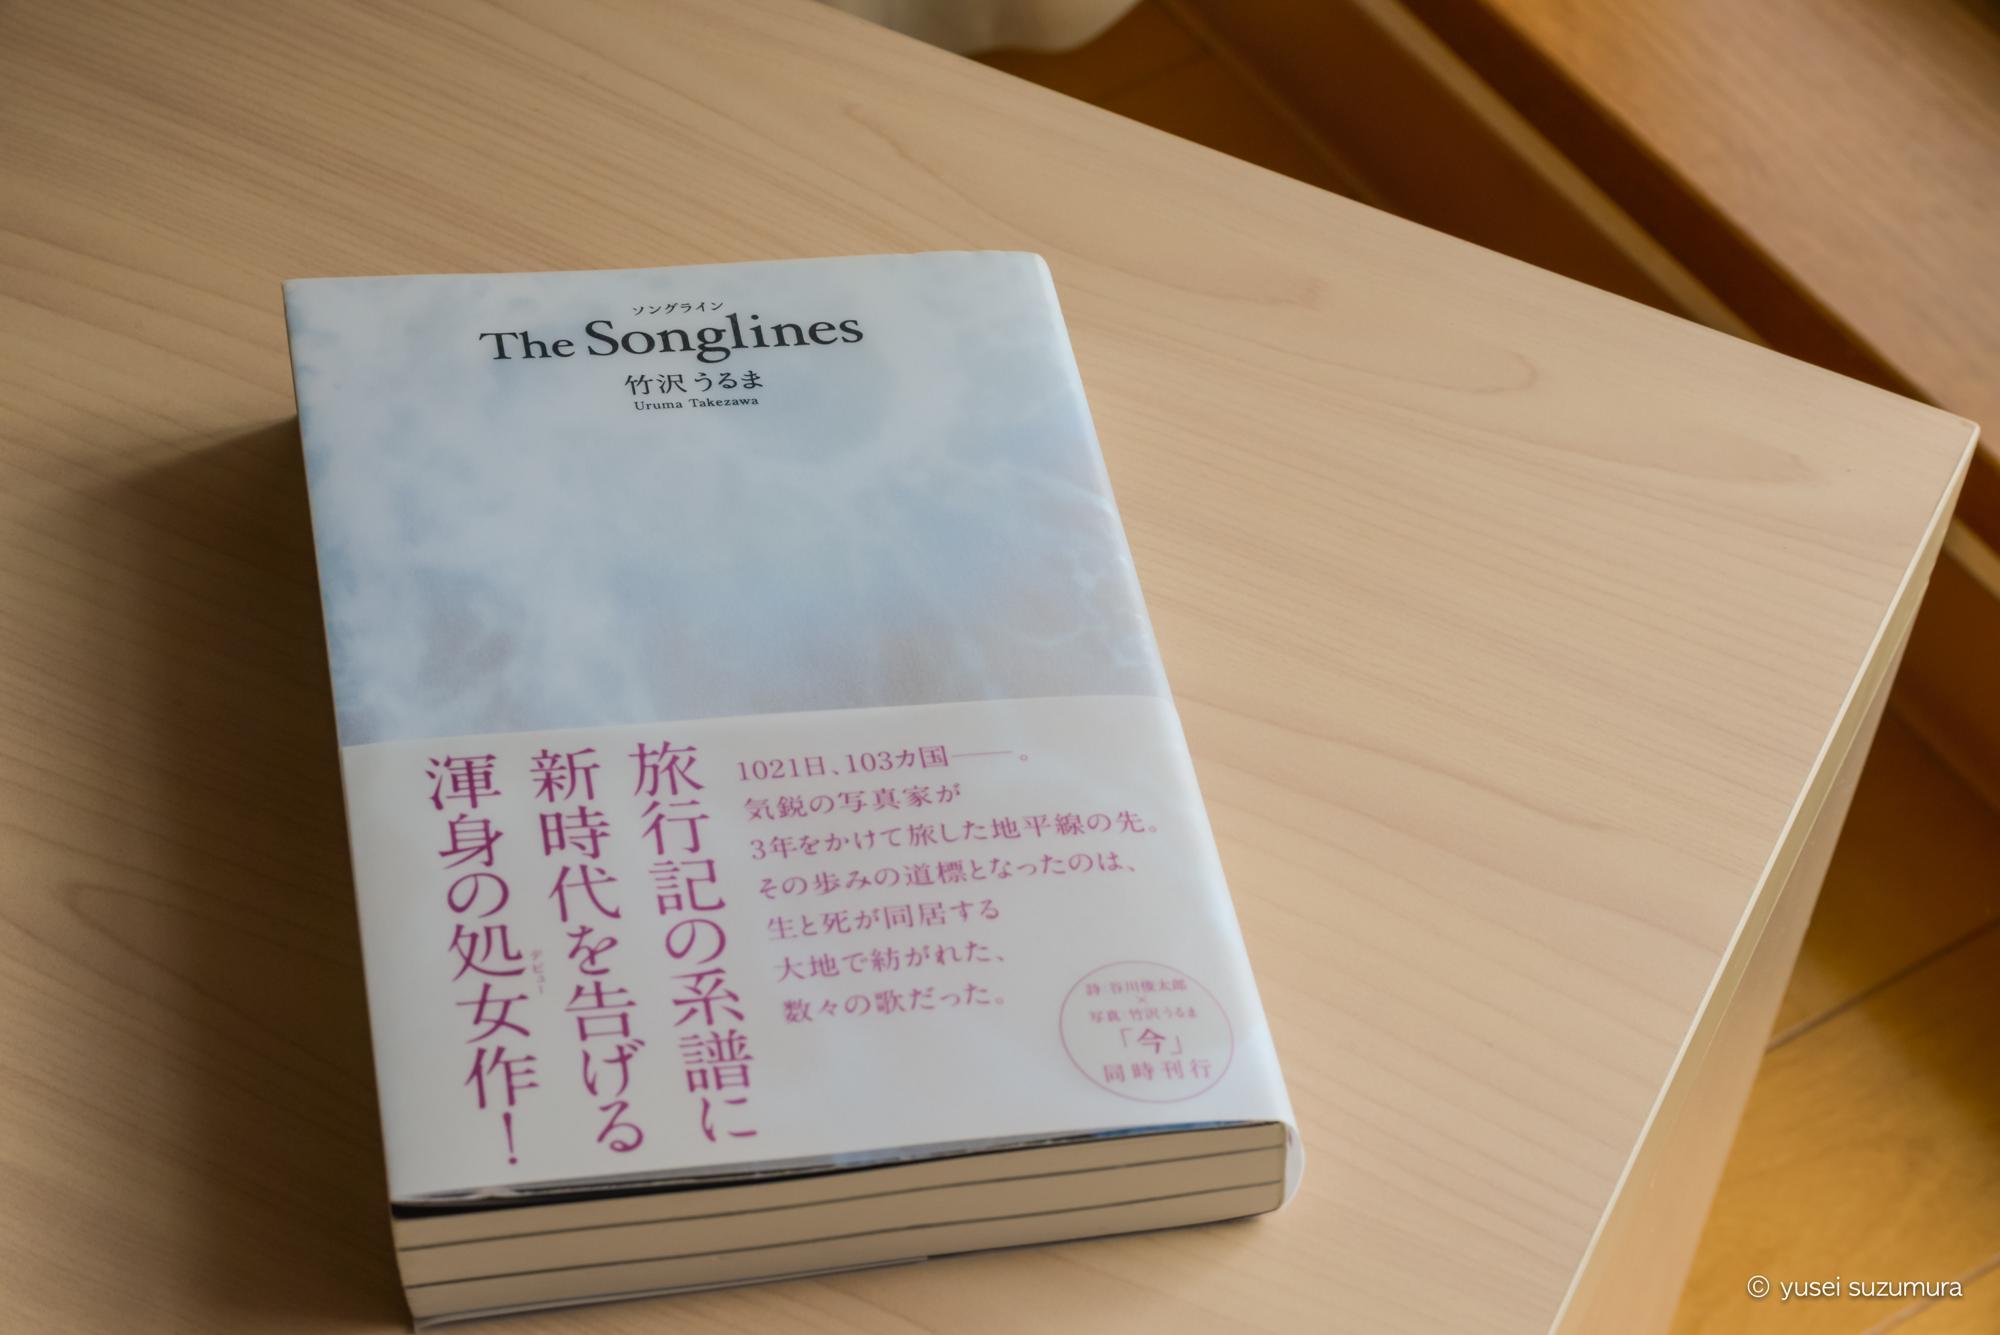 竹沢うるま「The Songlines」を読んで。